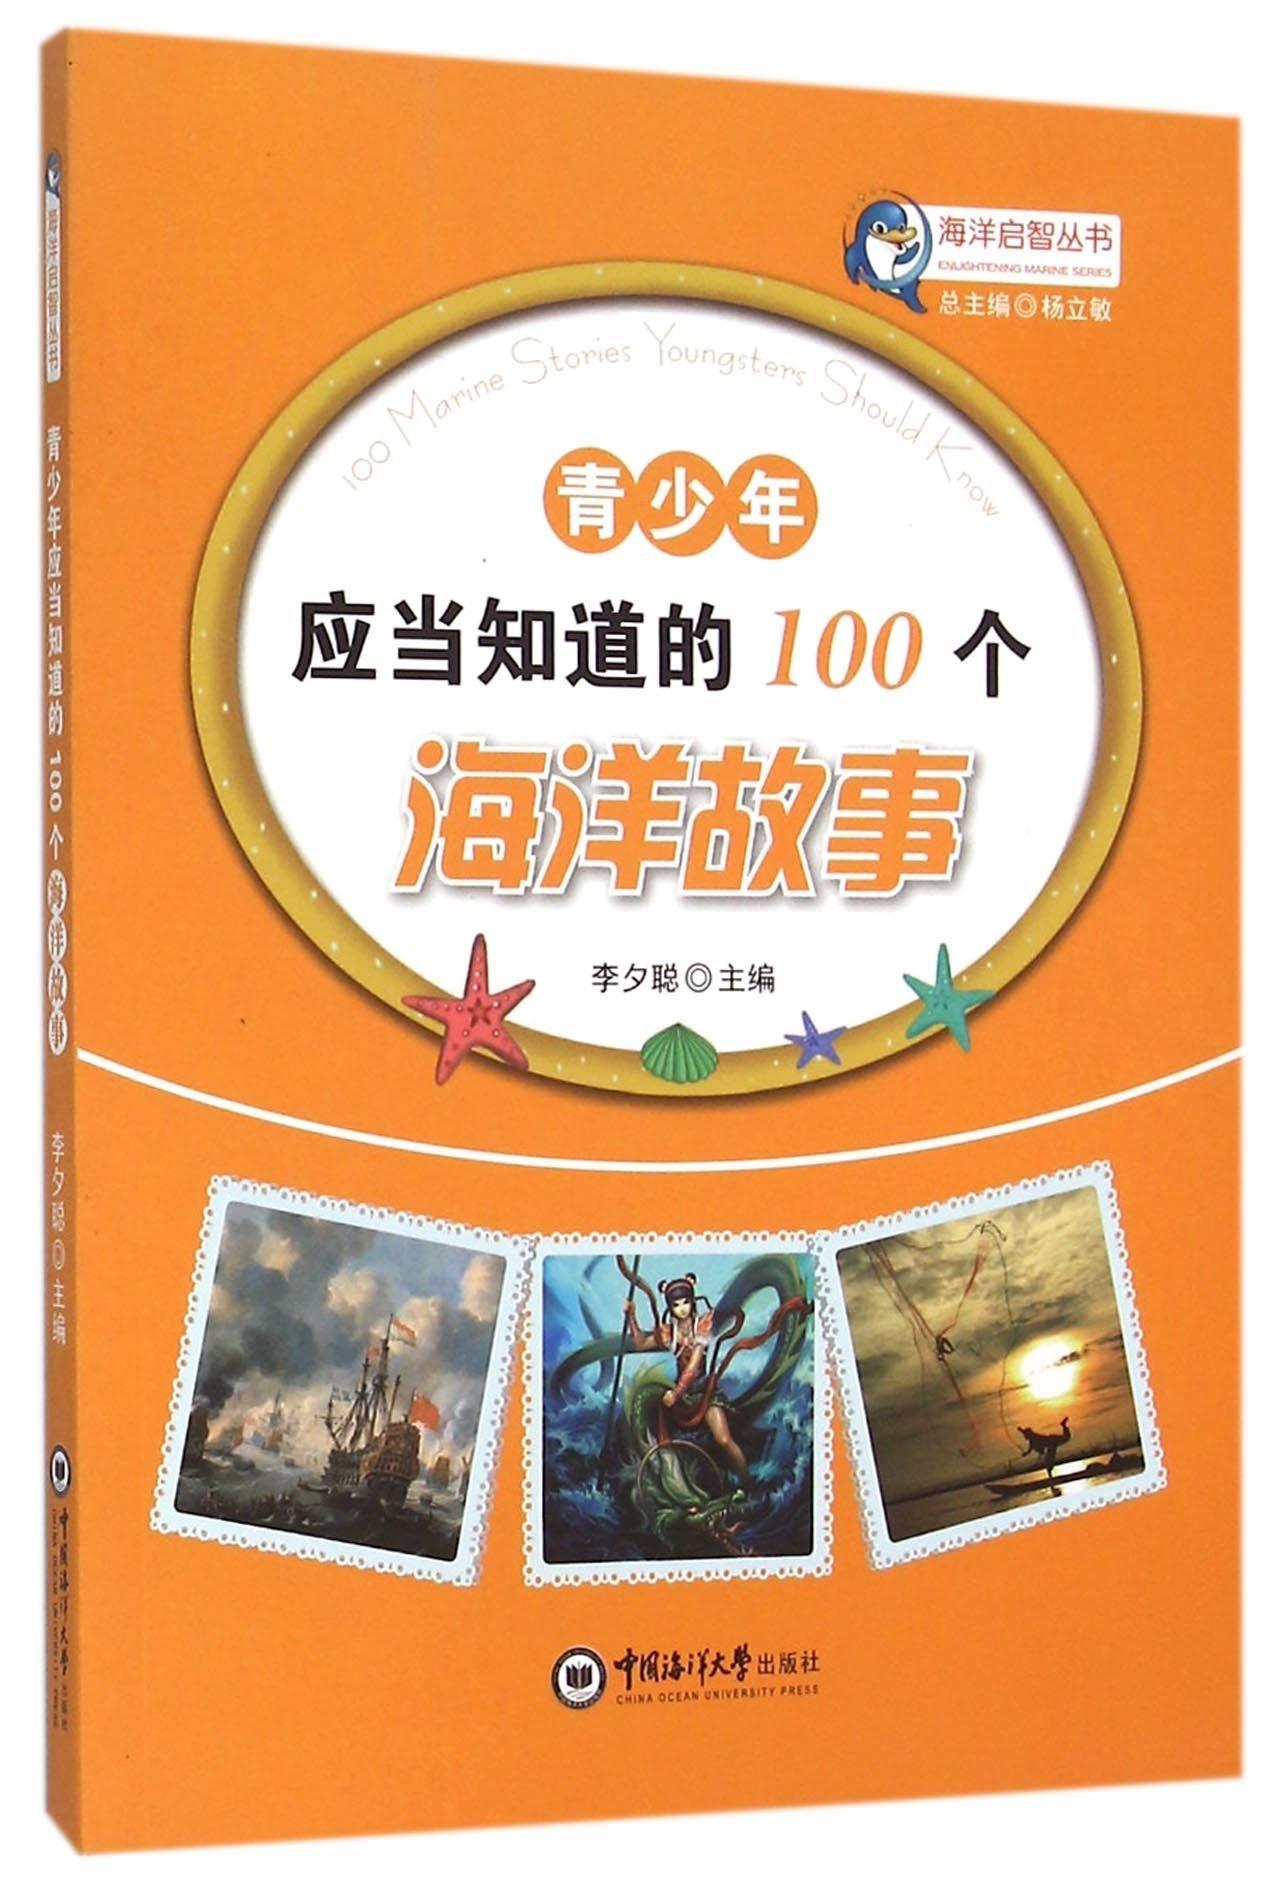 青少年应当知道的100个海洋故事/海洋启智丛书 pdf epub